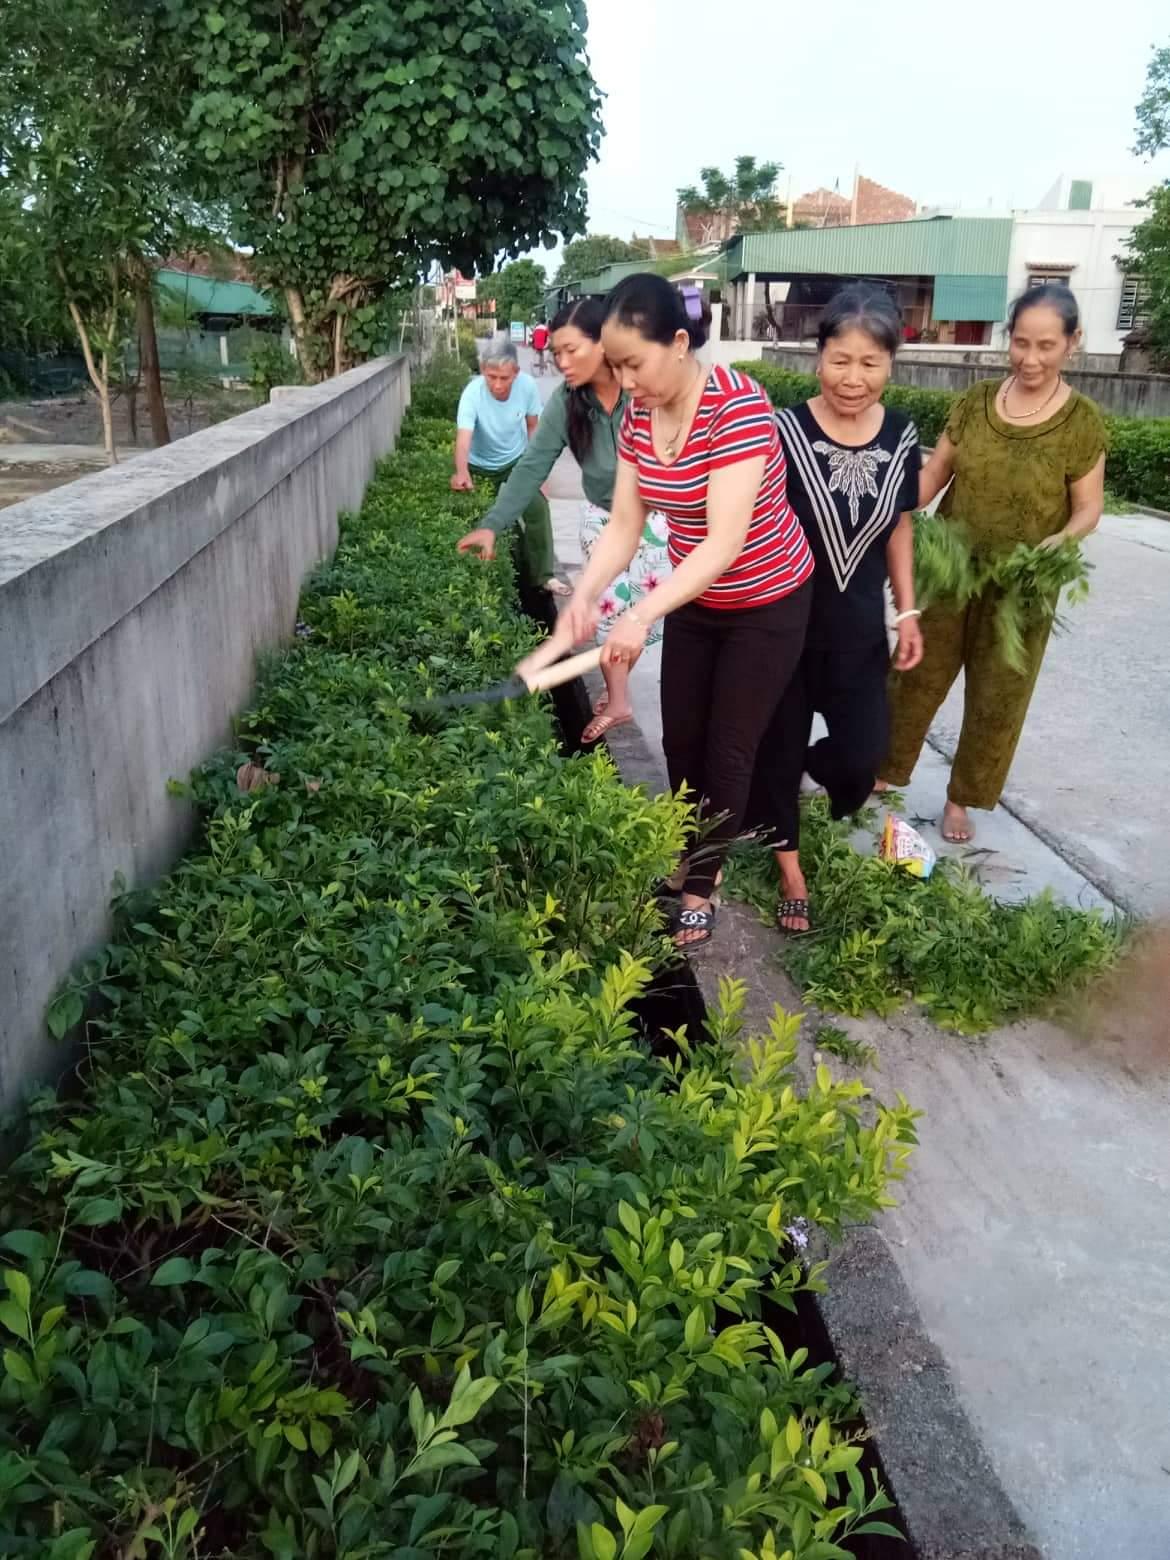 Hội liên hiệp phụ nữ Kỳ Hải phát động các hoạt động xây dựng Nông thôn mới – xây dựng khu dân cư kiễu mẫu.